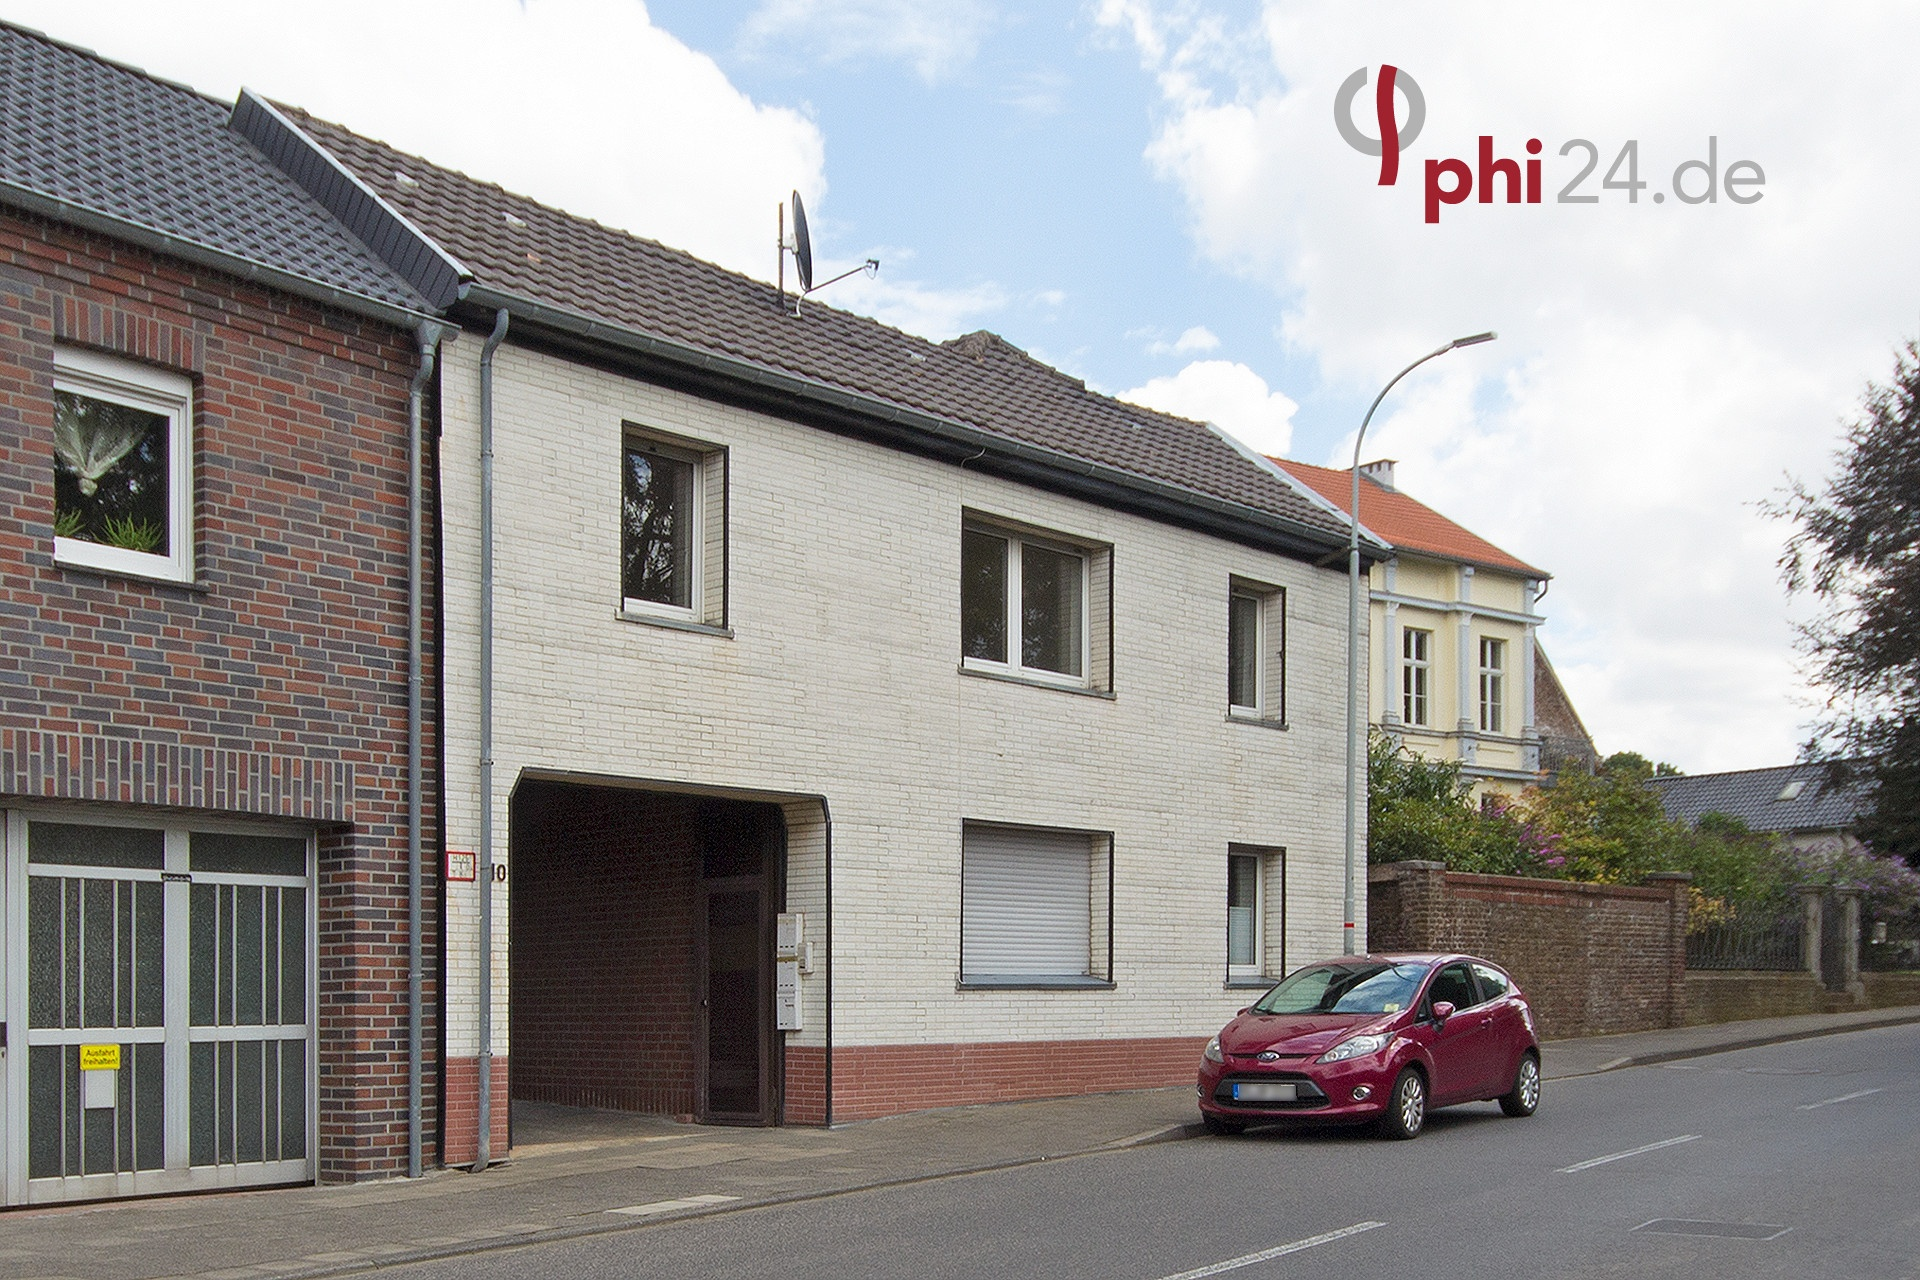 Immobilienmakler Aldenhoven Mehrfamilienhaus referenzen mit Immobilienbewertung